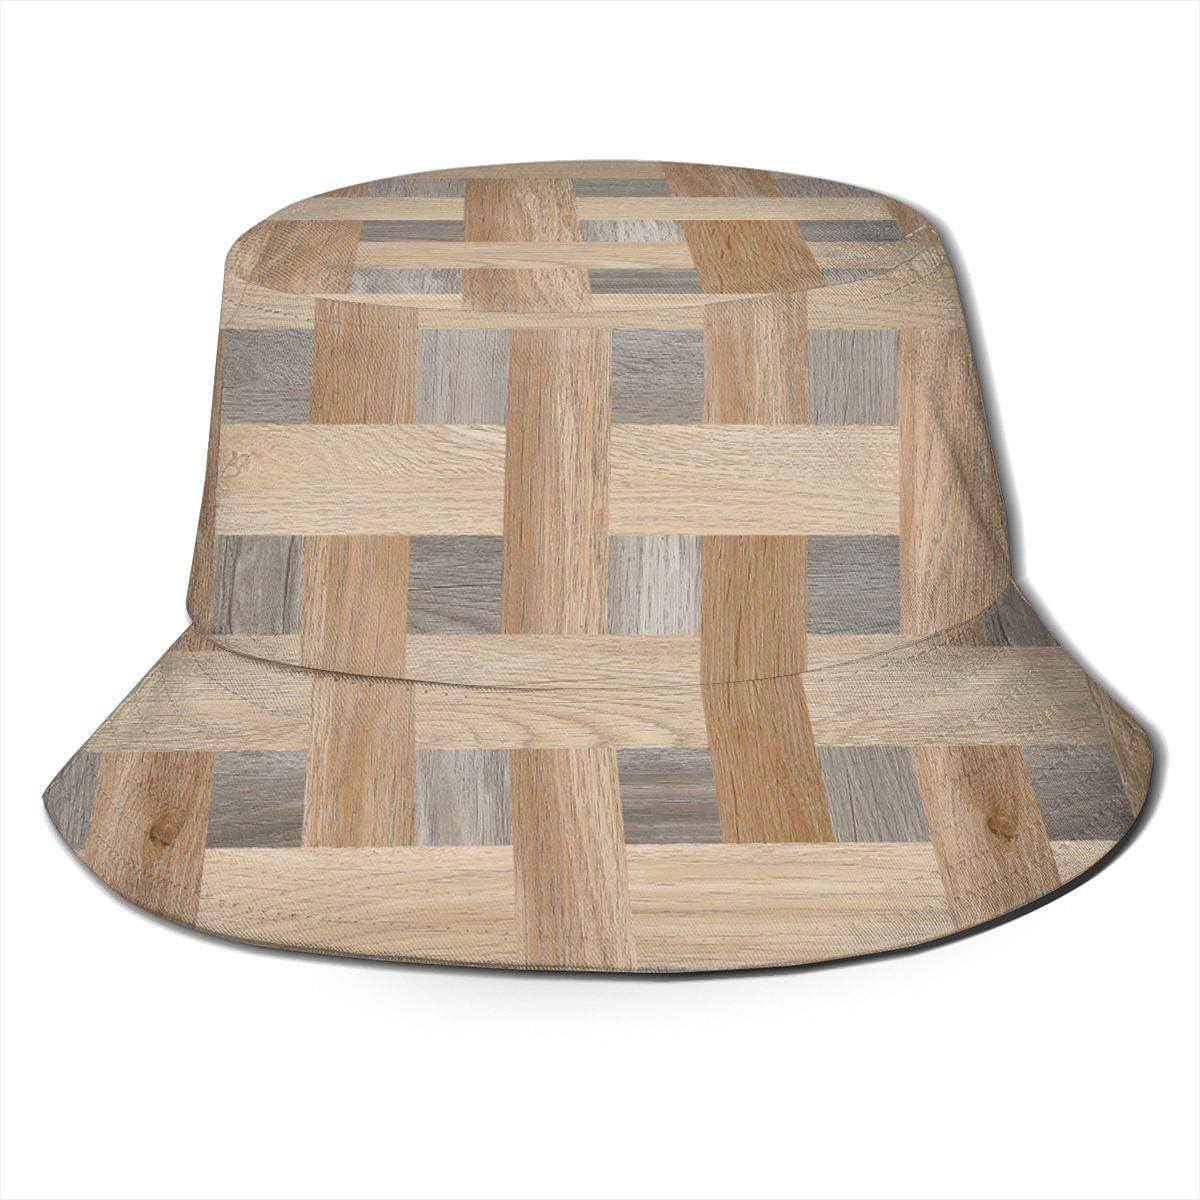 XNLHQH IJ Wood Texture Mens...